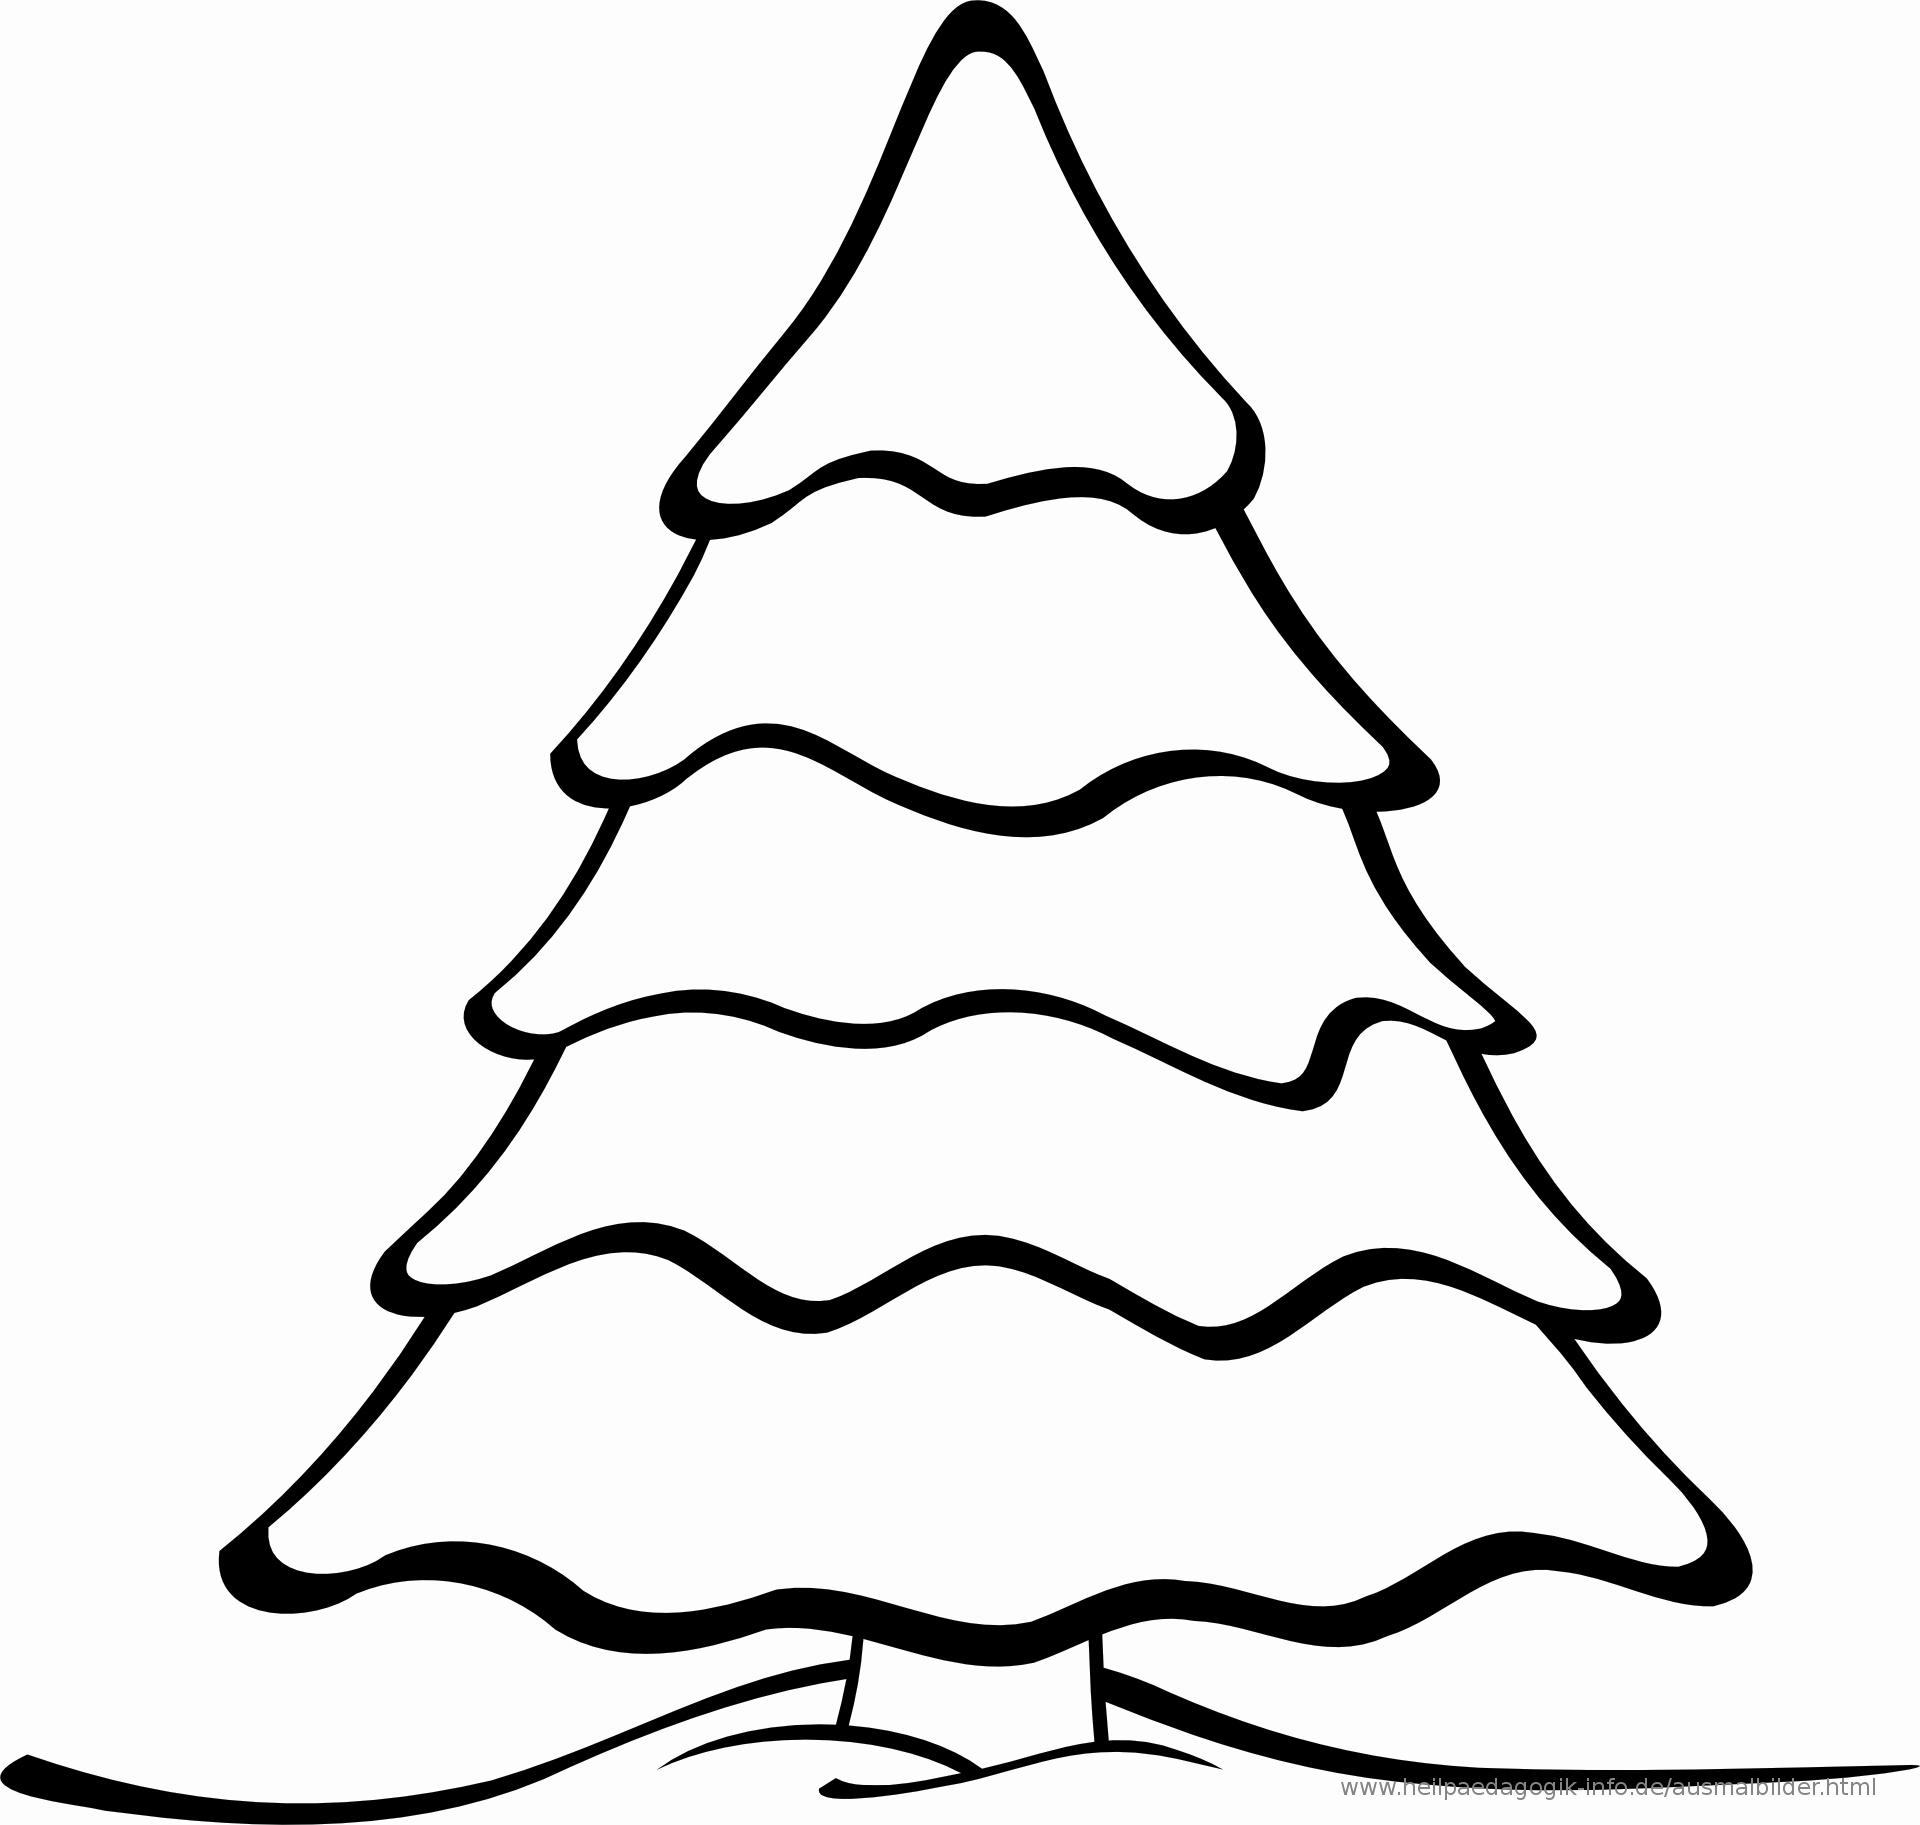 malvorlagen weihnachten zum ausdrucken  kinderbilder